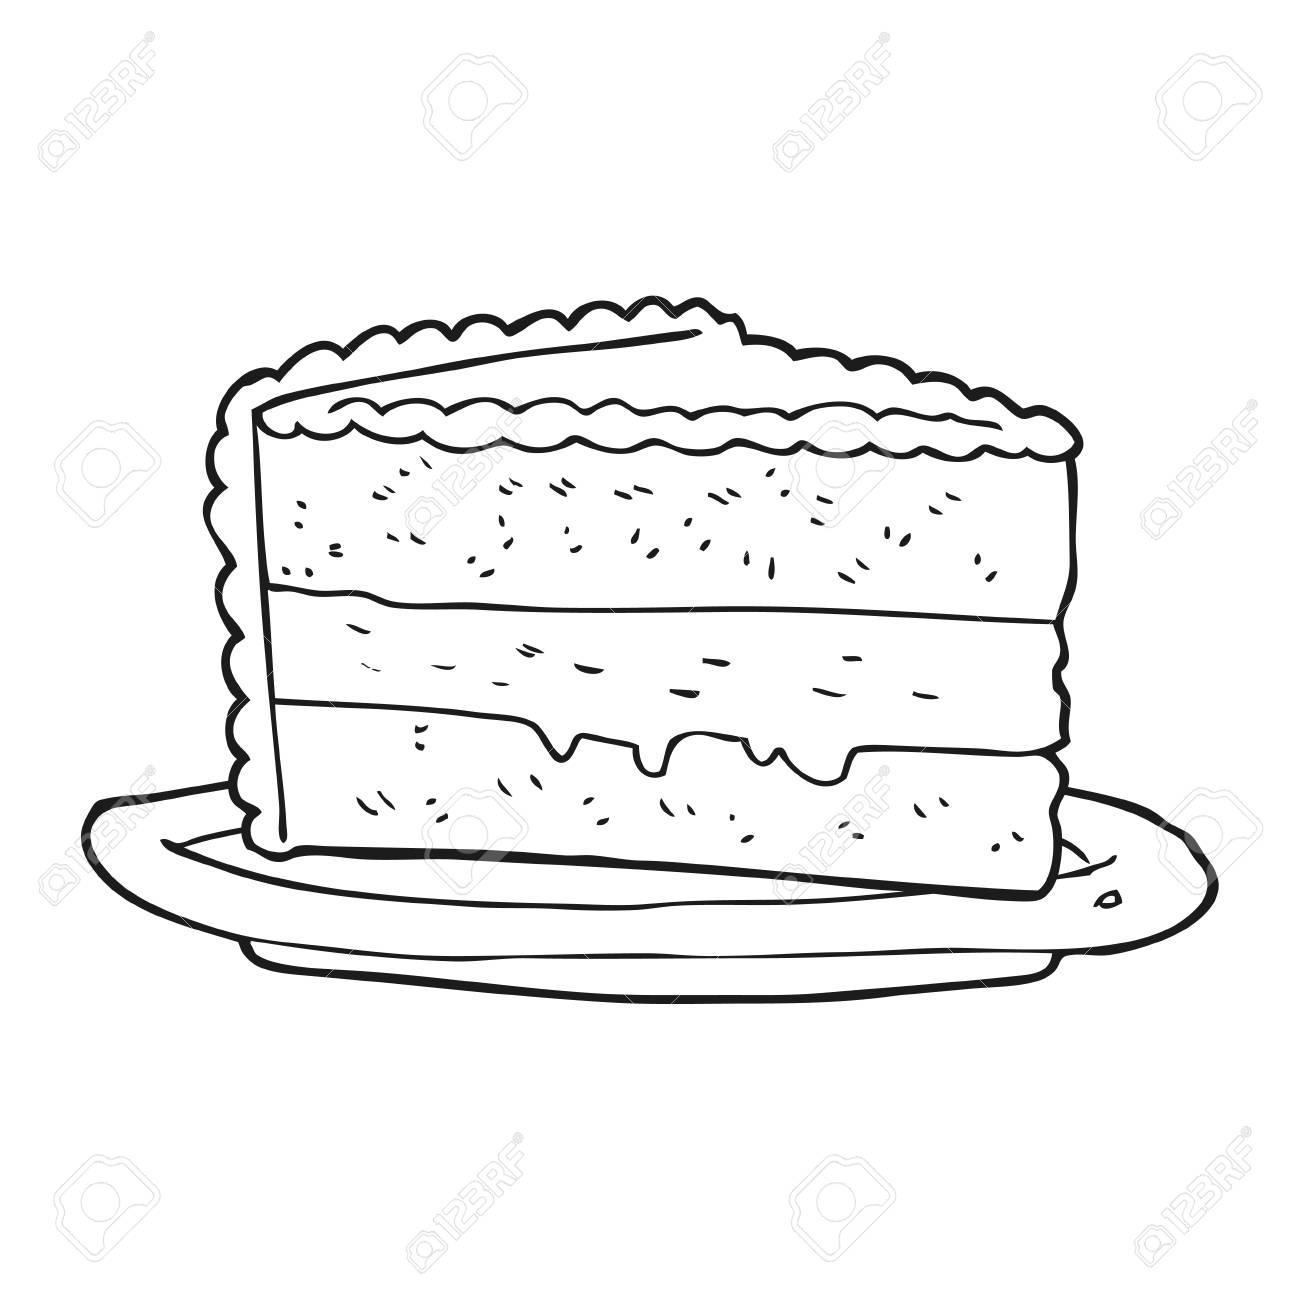 Freihand Gezeichnete Schwarz Weiss Cartoon Kuchen Lizenzfrei Nutzbare